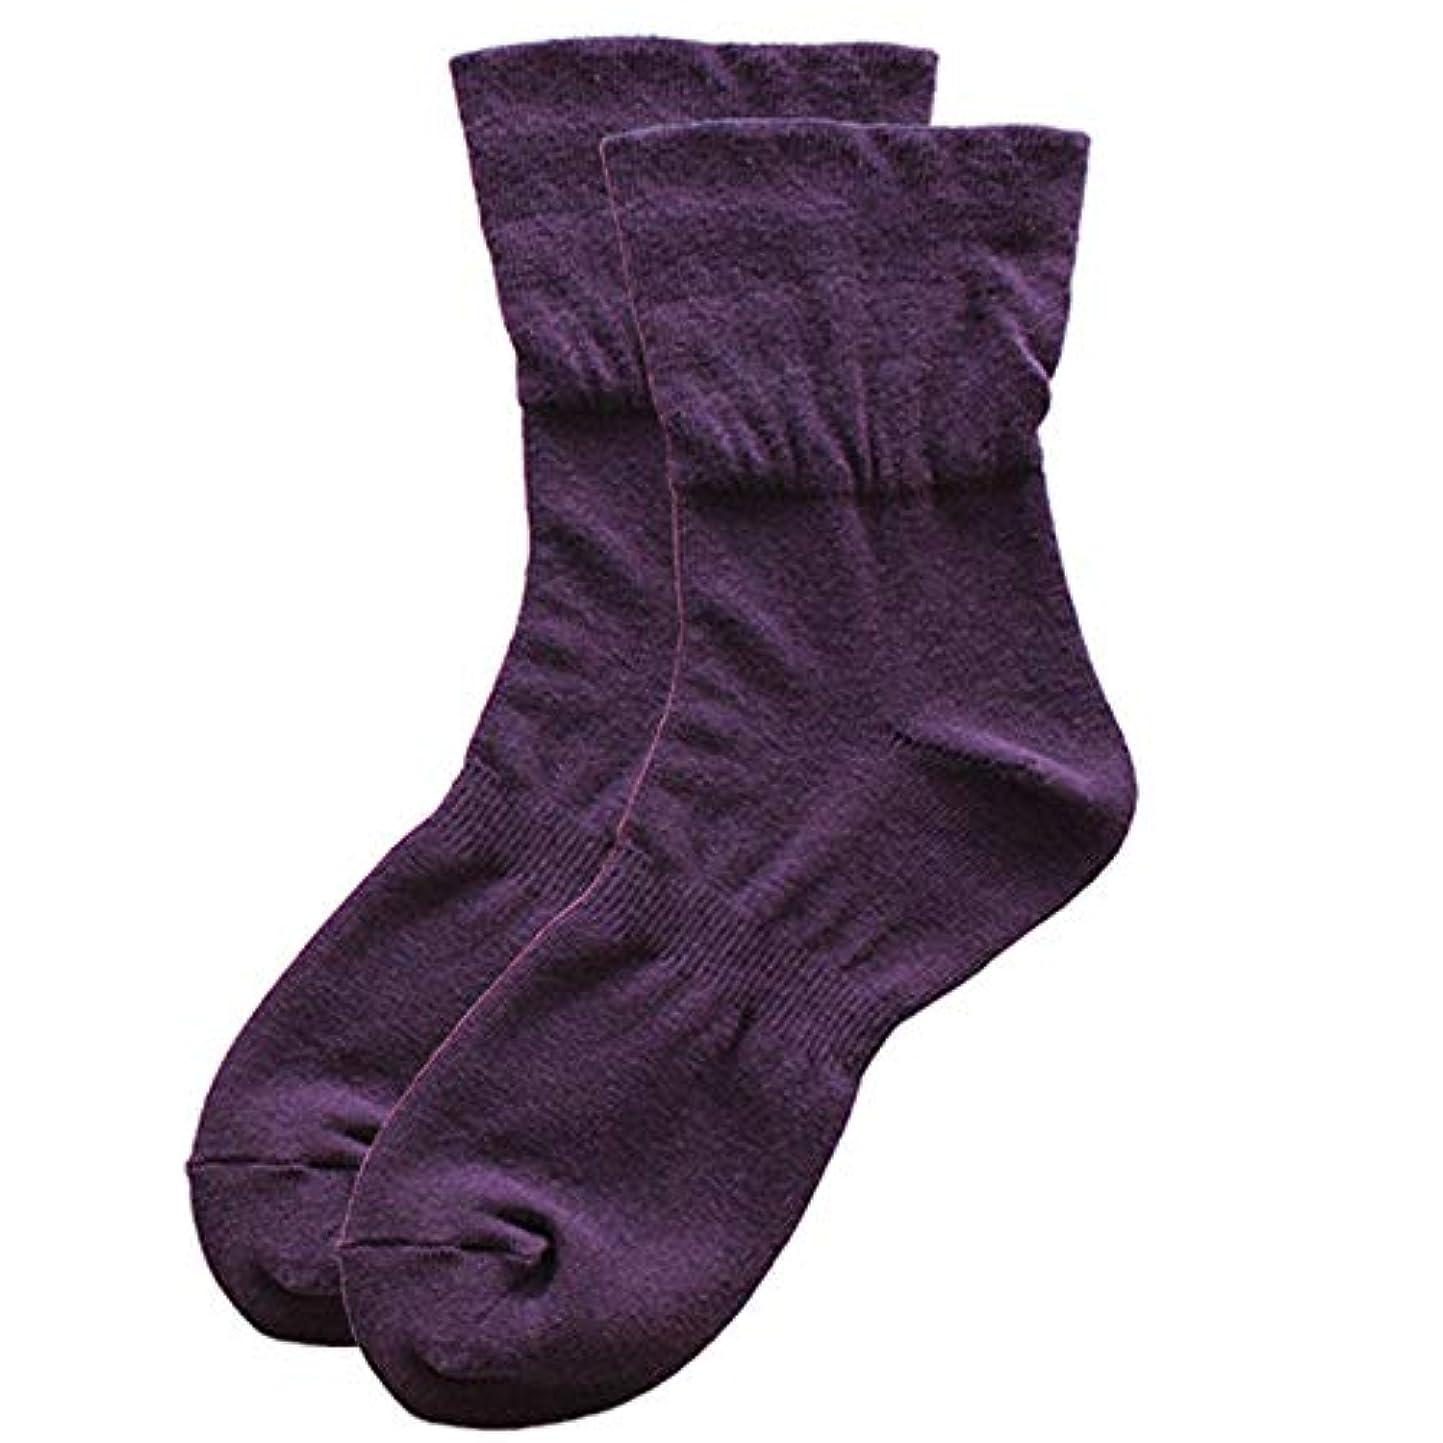 抜け目のない慢性的主張歩くぬか袋 締めつけない靴下 23-25cm パープル